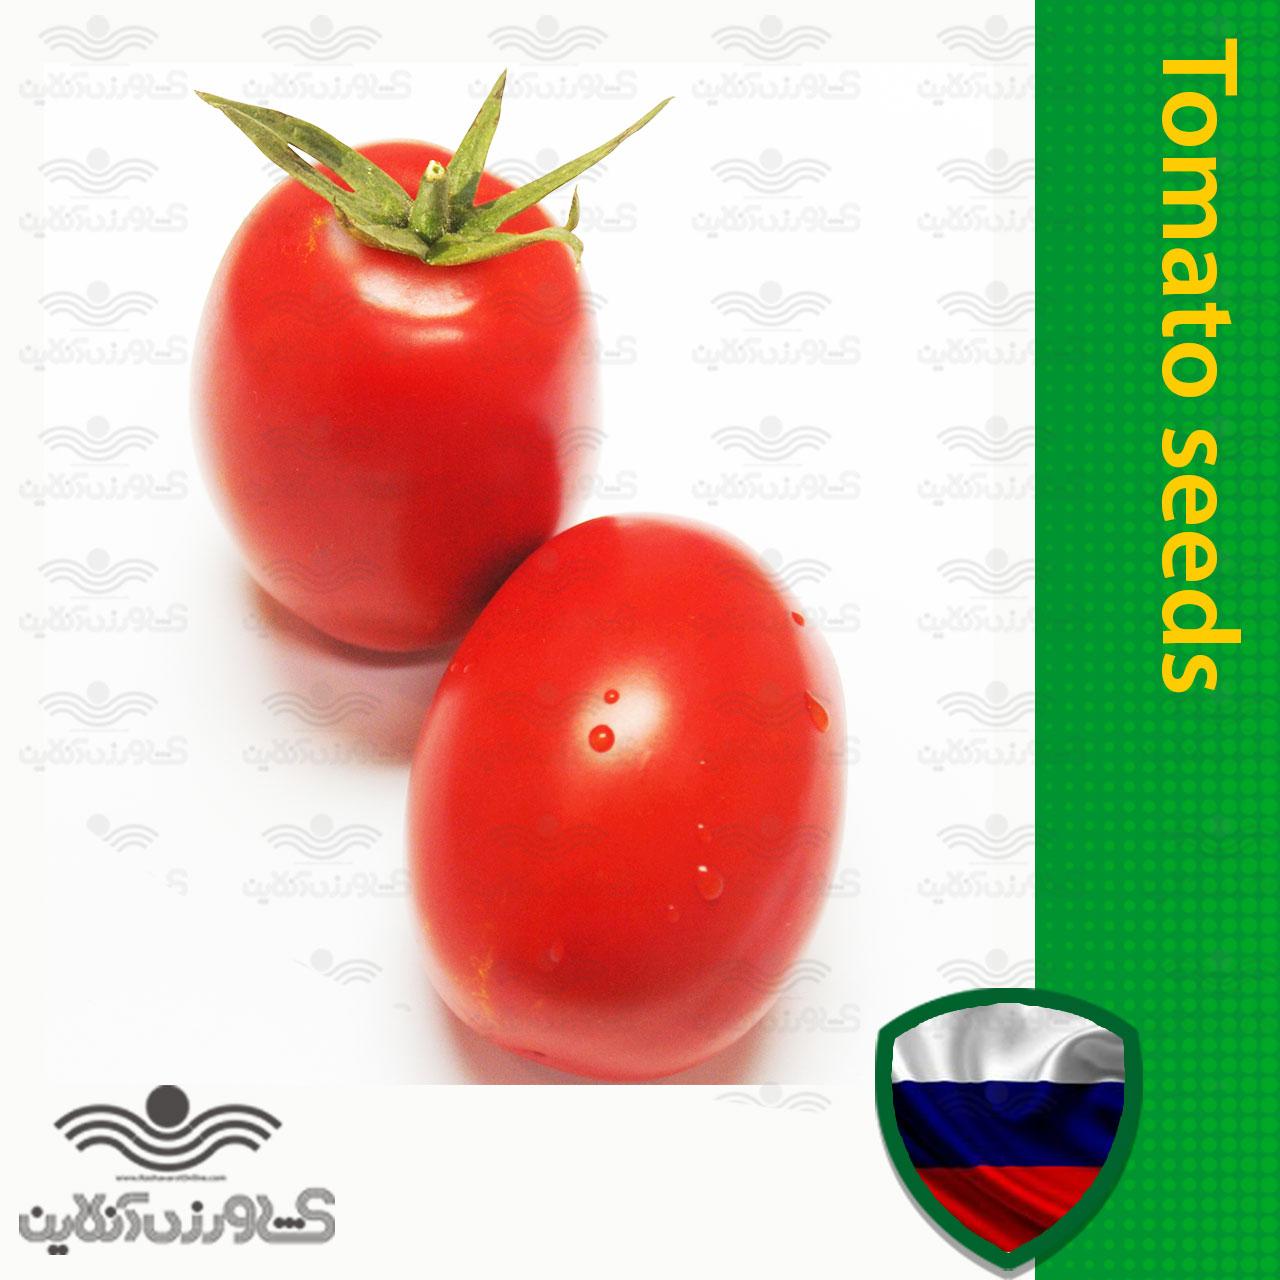 بذر گوجه فرنگی تخم مرغی خارجی خانگی